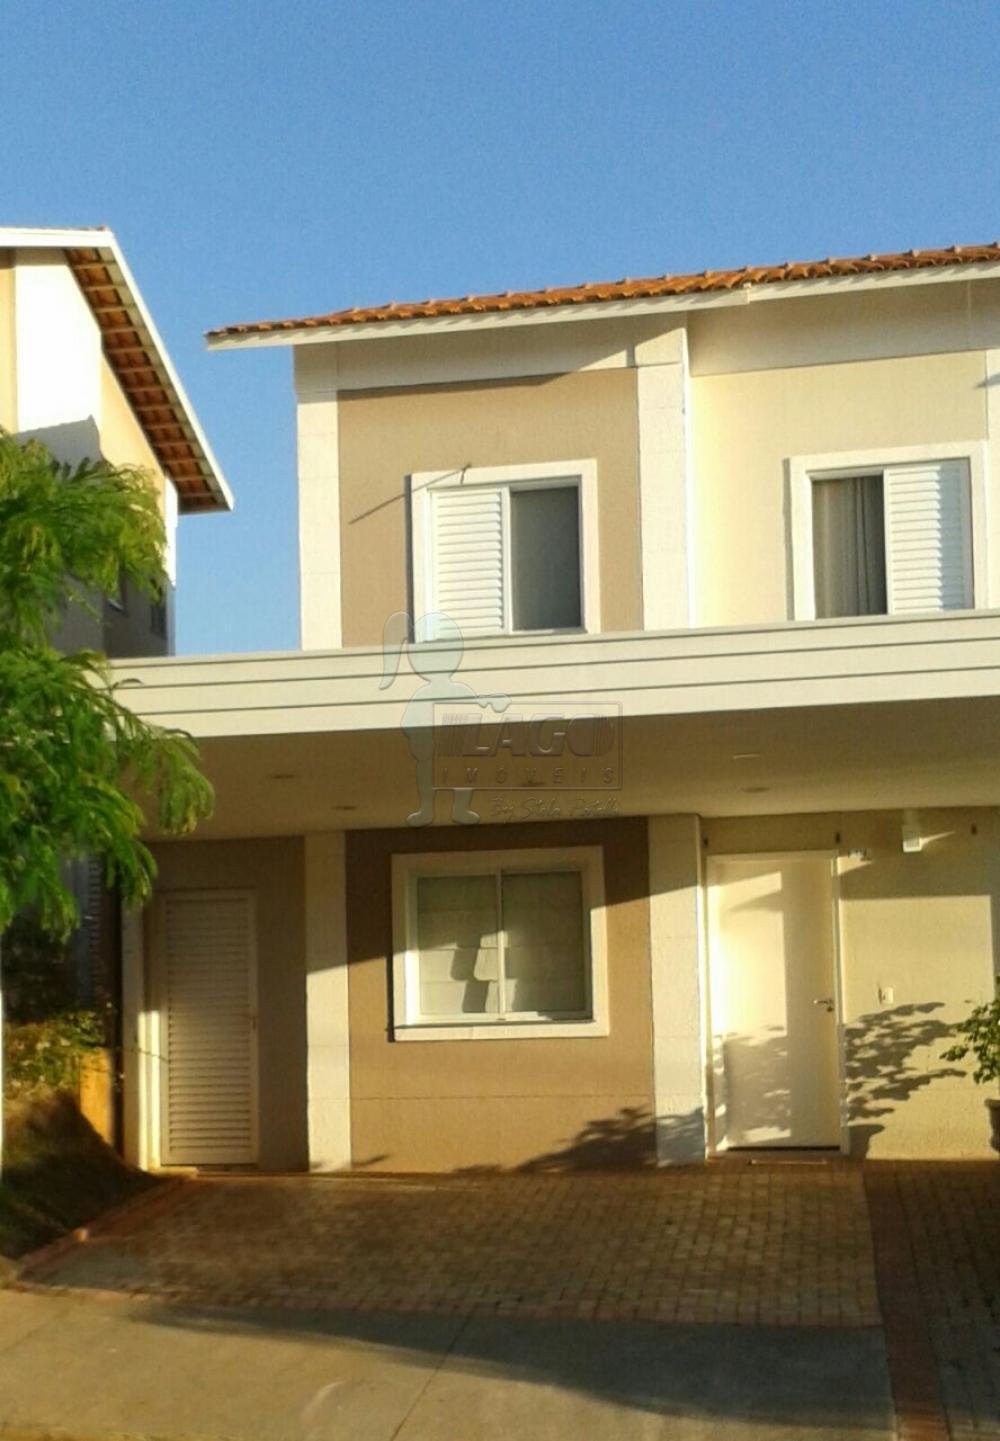 Comprar Casas / Condomínio em Ribeirão Preto apenas R$ 480.000,00 - Foto 1